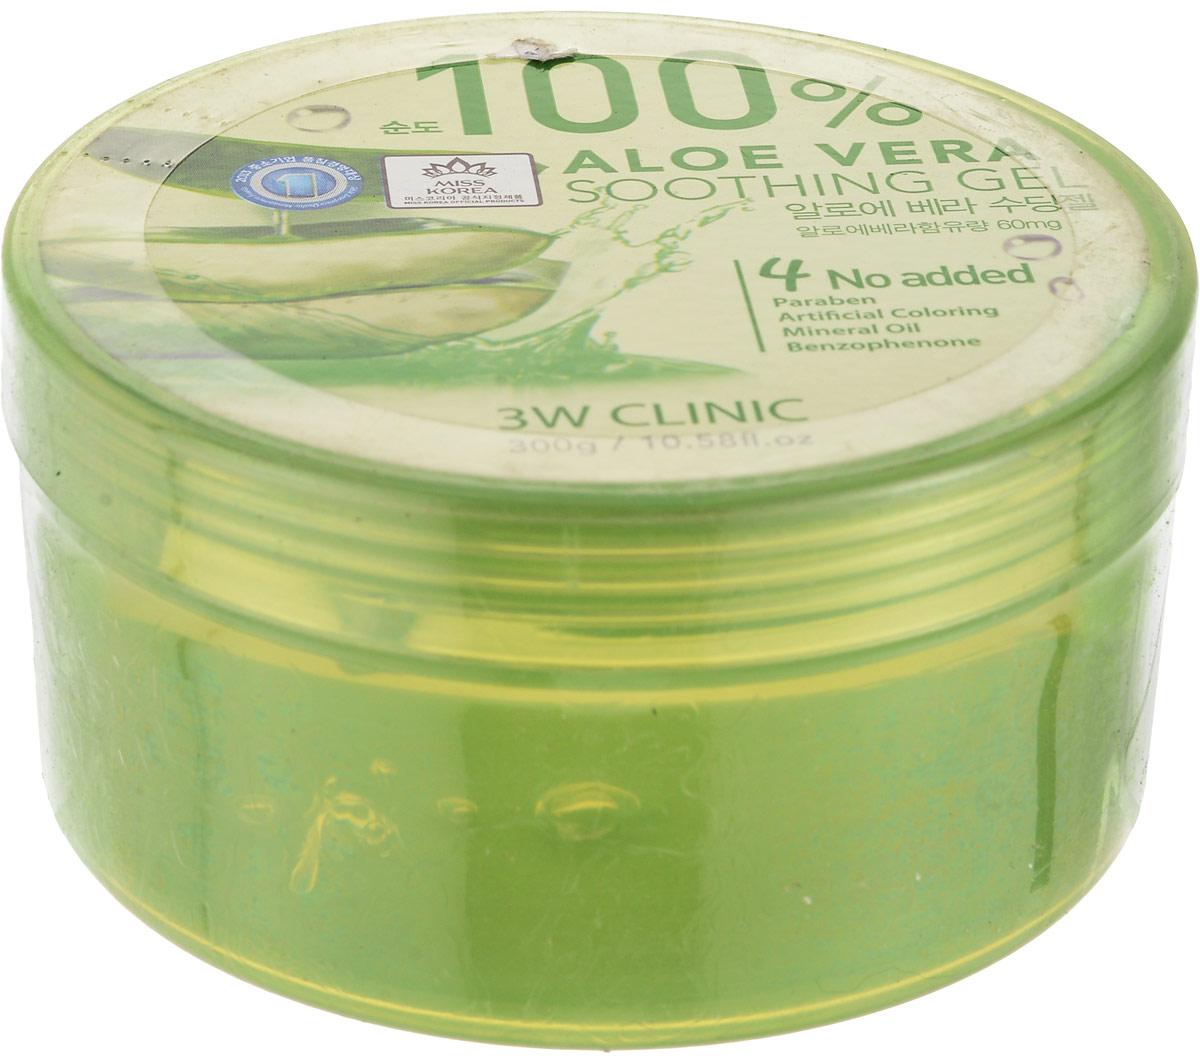 3W Clinic Гель универсальный Aloe Vera Soothing Gel 100%, 300 гр575356Многофункциональный успокаивающий гель с экстрактом алоэ 100% Гель наполняет кожу влагой, успокаивает её, снимает раздражения, избавляет от шелушений. Гель с алоэ обладает ранозаживляющим действием, благотворно влияет на кожу и оздоравливает ее на клеточном уровне. Гель с алоэ рекомендован для использования после агрессивного воздействия солнечных лучей на кожу, а также для уменьшения болевые ощущения после укусов насекомых. Алоэ создает на коже незаметный, но очень эффективный барьер, препятствующий проникновению болезнетворных бактерий и грибковых инфекций, а также помогает справиться с уже существующей угревой сыпью. Сок алоэ не закупоривает поры, регулирует работу сальных желез и придает коже здоровую матовость.